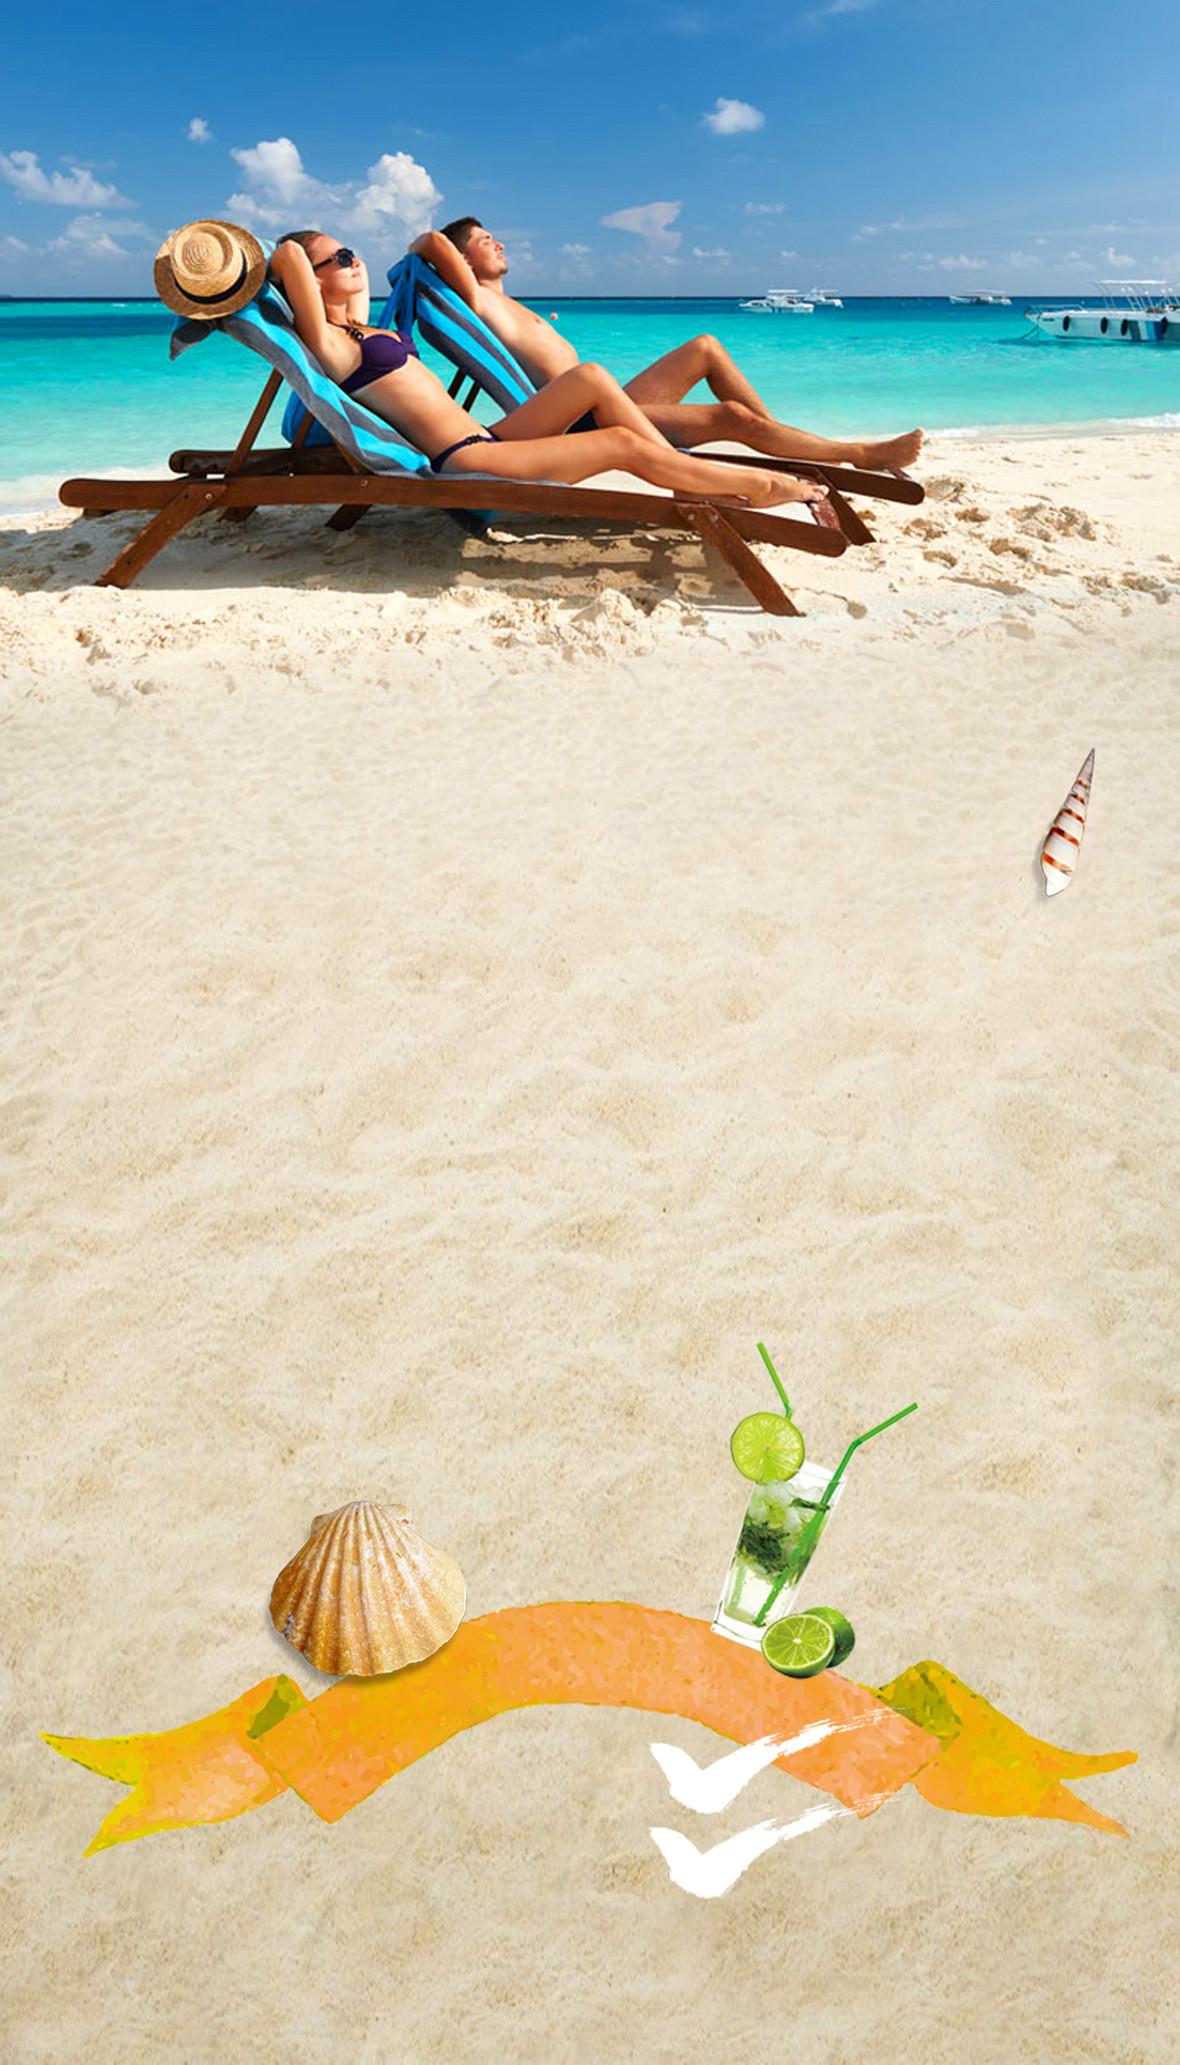 沙滩海边度假旅游海报背景素材